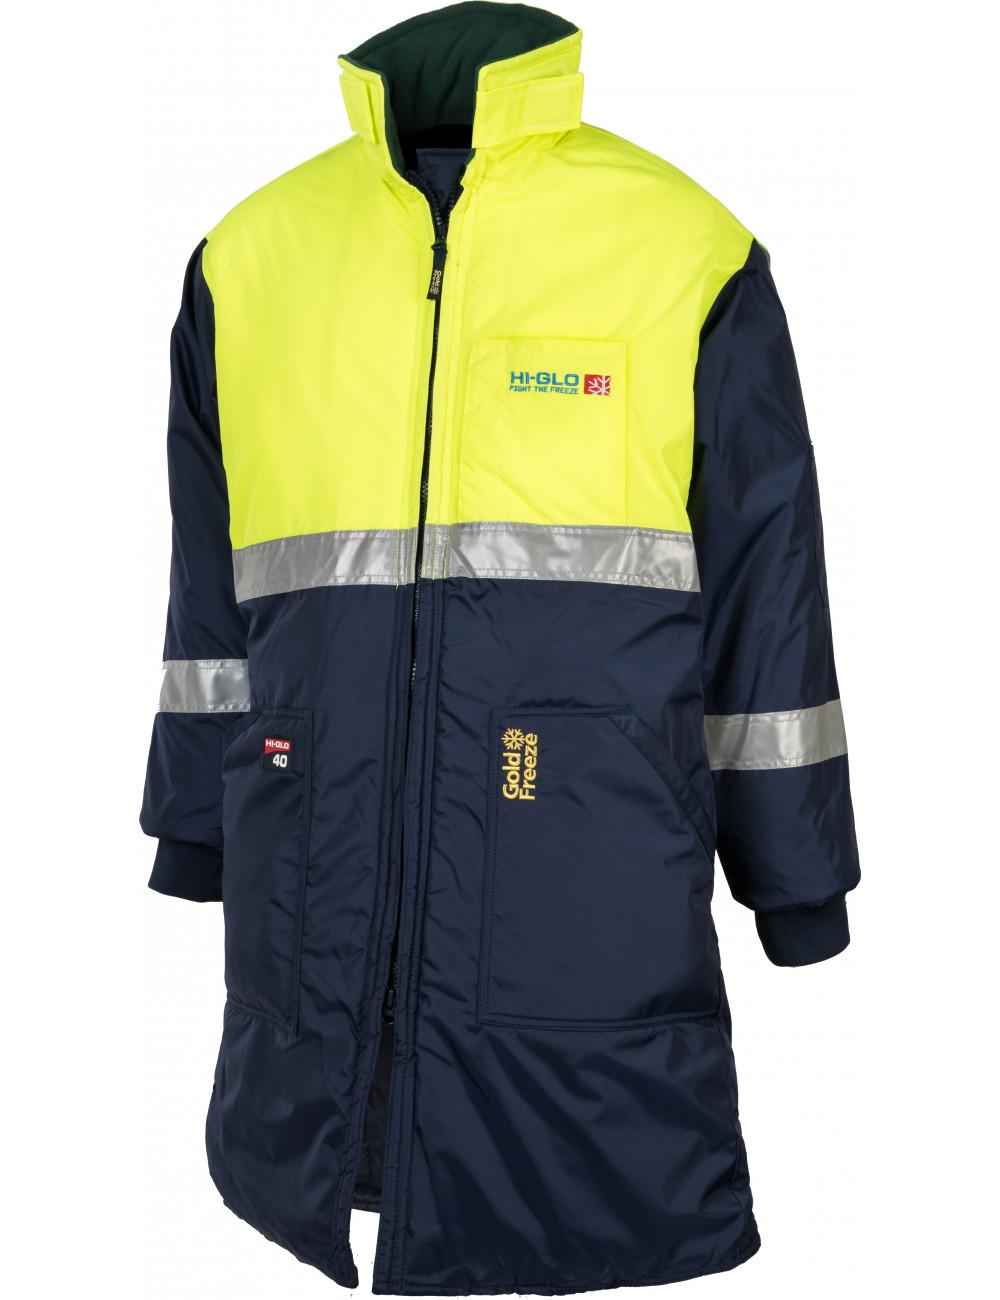 Kurtka długa Freezer Long Coat do mroźni i chłodni Hi-Glo 40, ochrona do -83,3